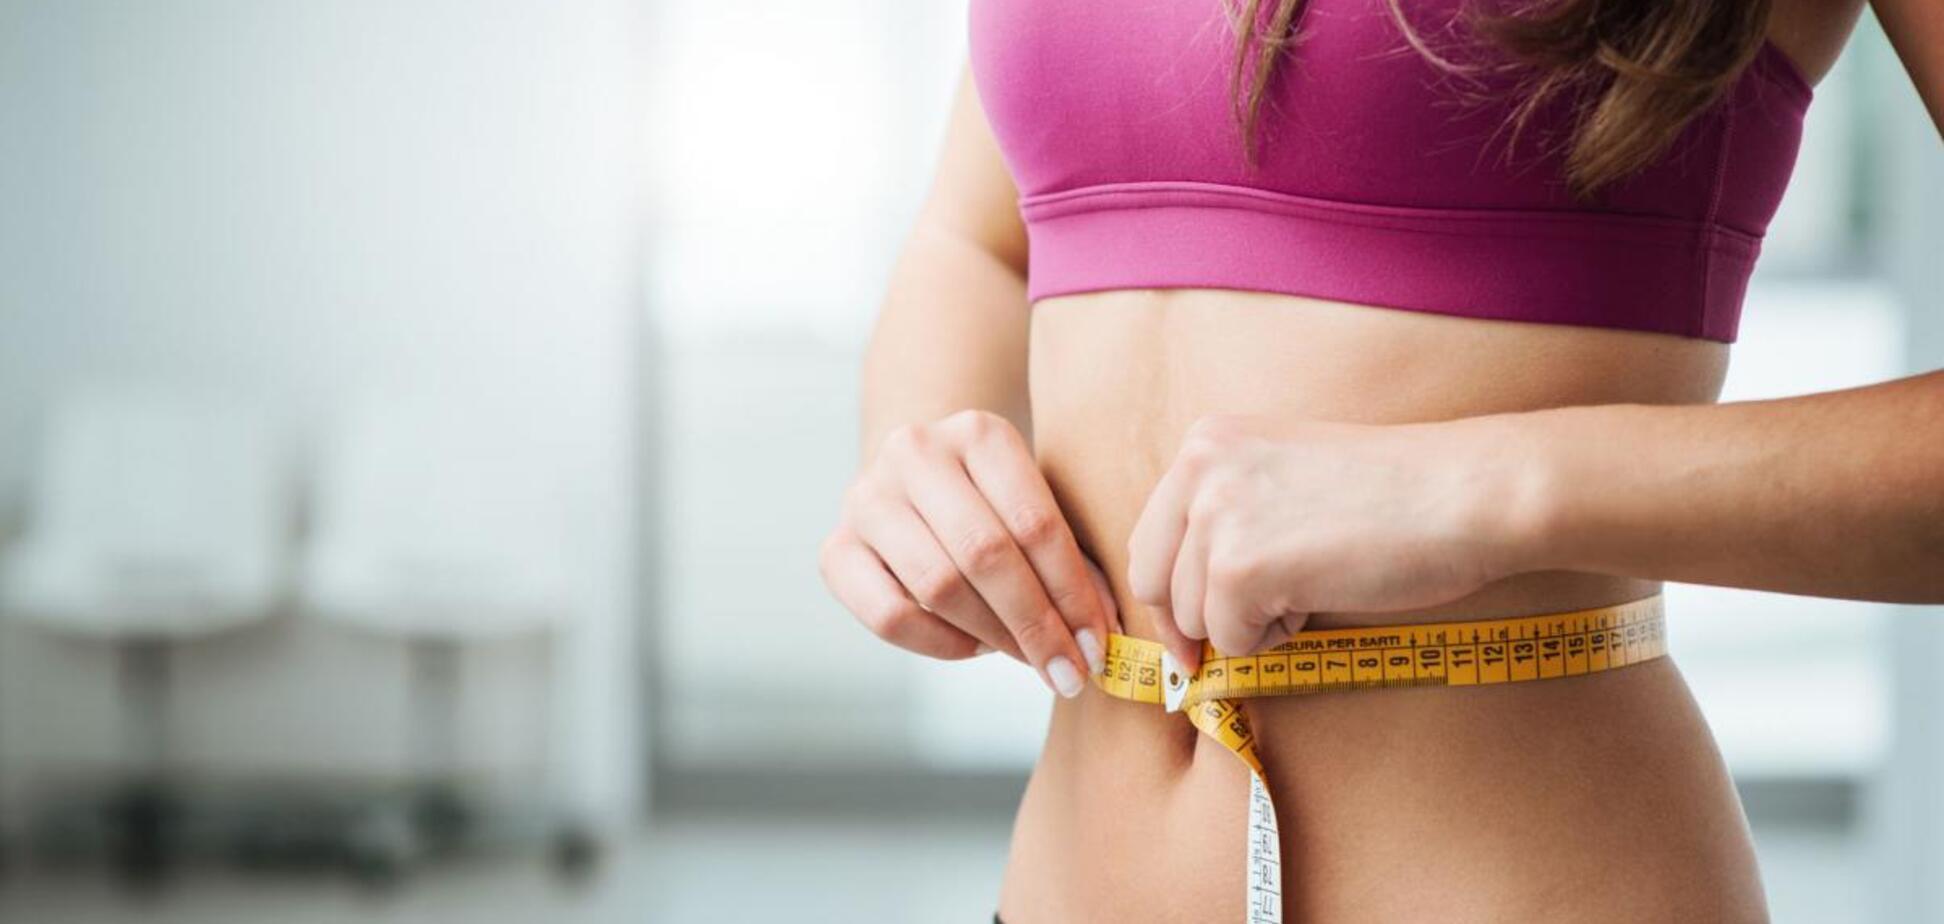 Як схуднути без спорту: фітнес-експертка розкрила головні секрети